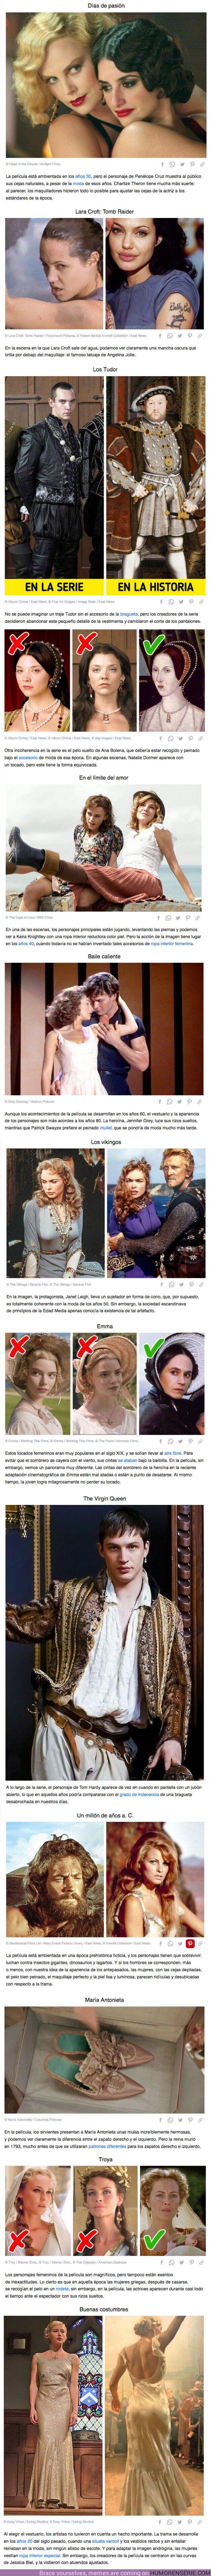 69132 - GALERÍA: 13 Casos en los que los maquilladores y diseñadores de vestuario cometieron errores imperdonables en películas famosas, y el público lo notó